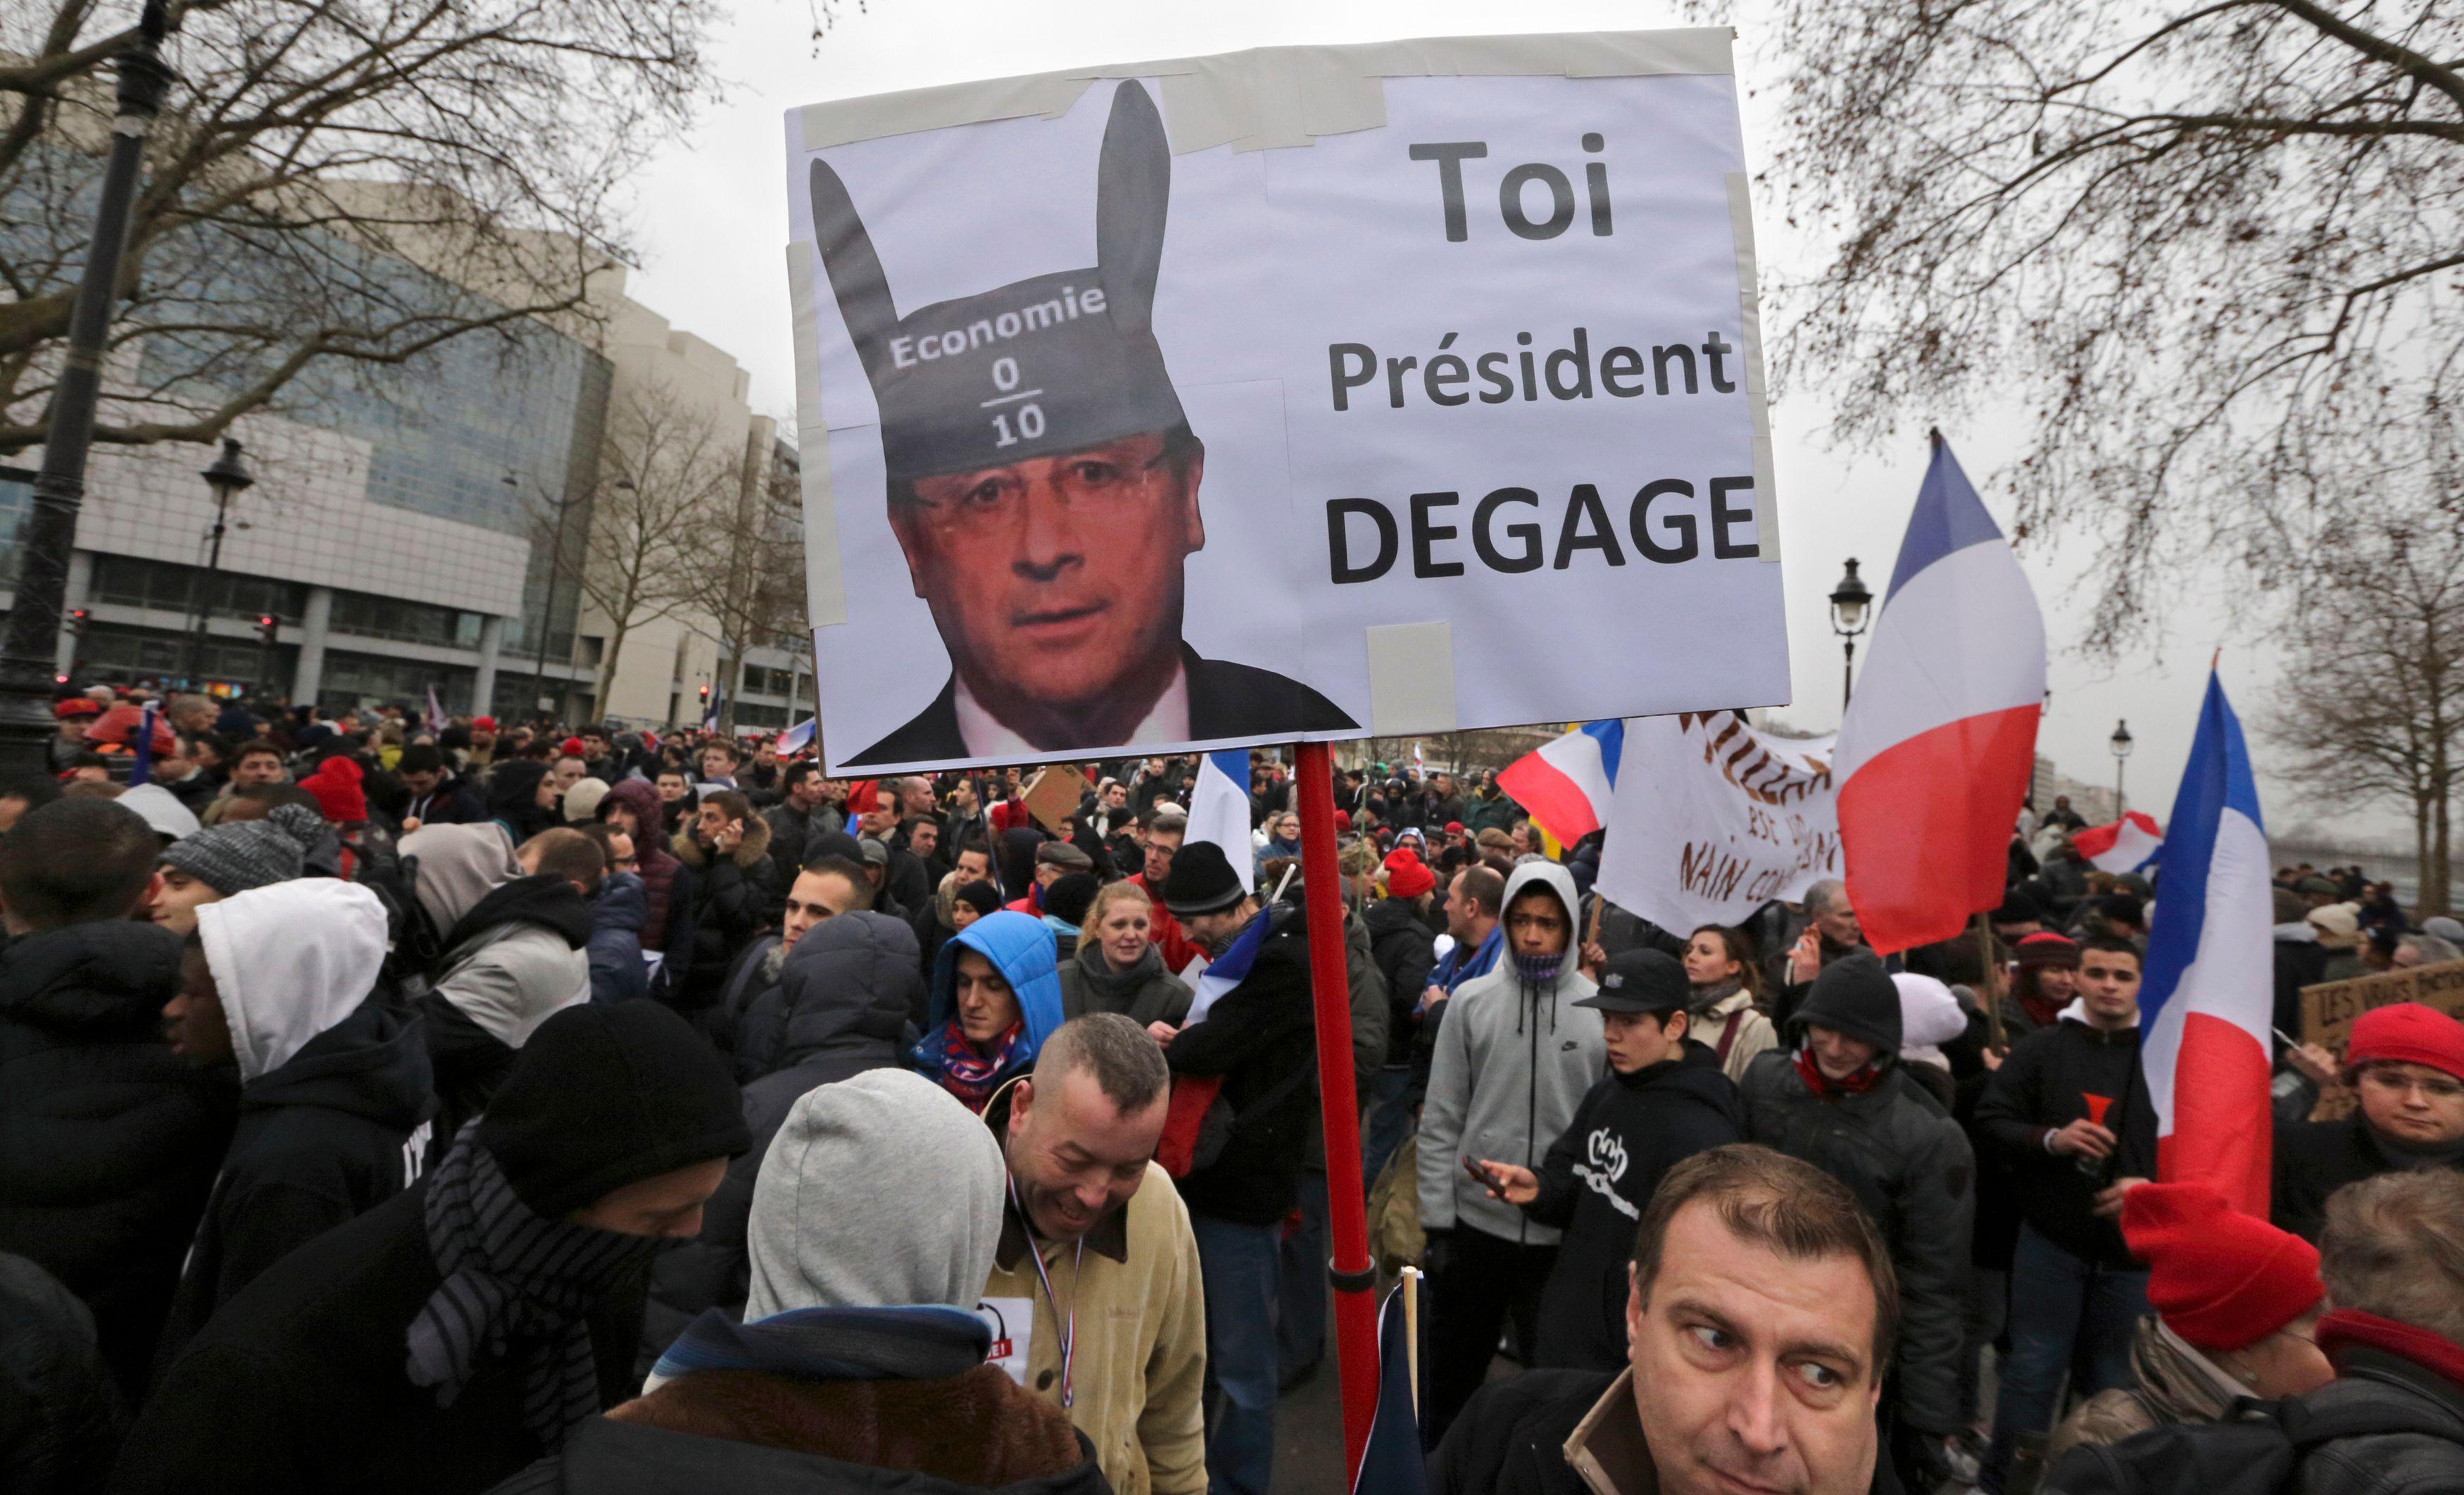 Des milliers de personnes ont manifesté dans les rues de Paris ce dimanche